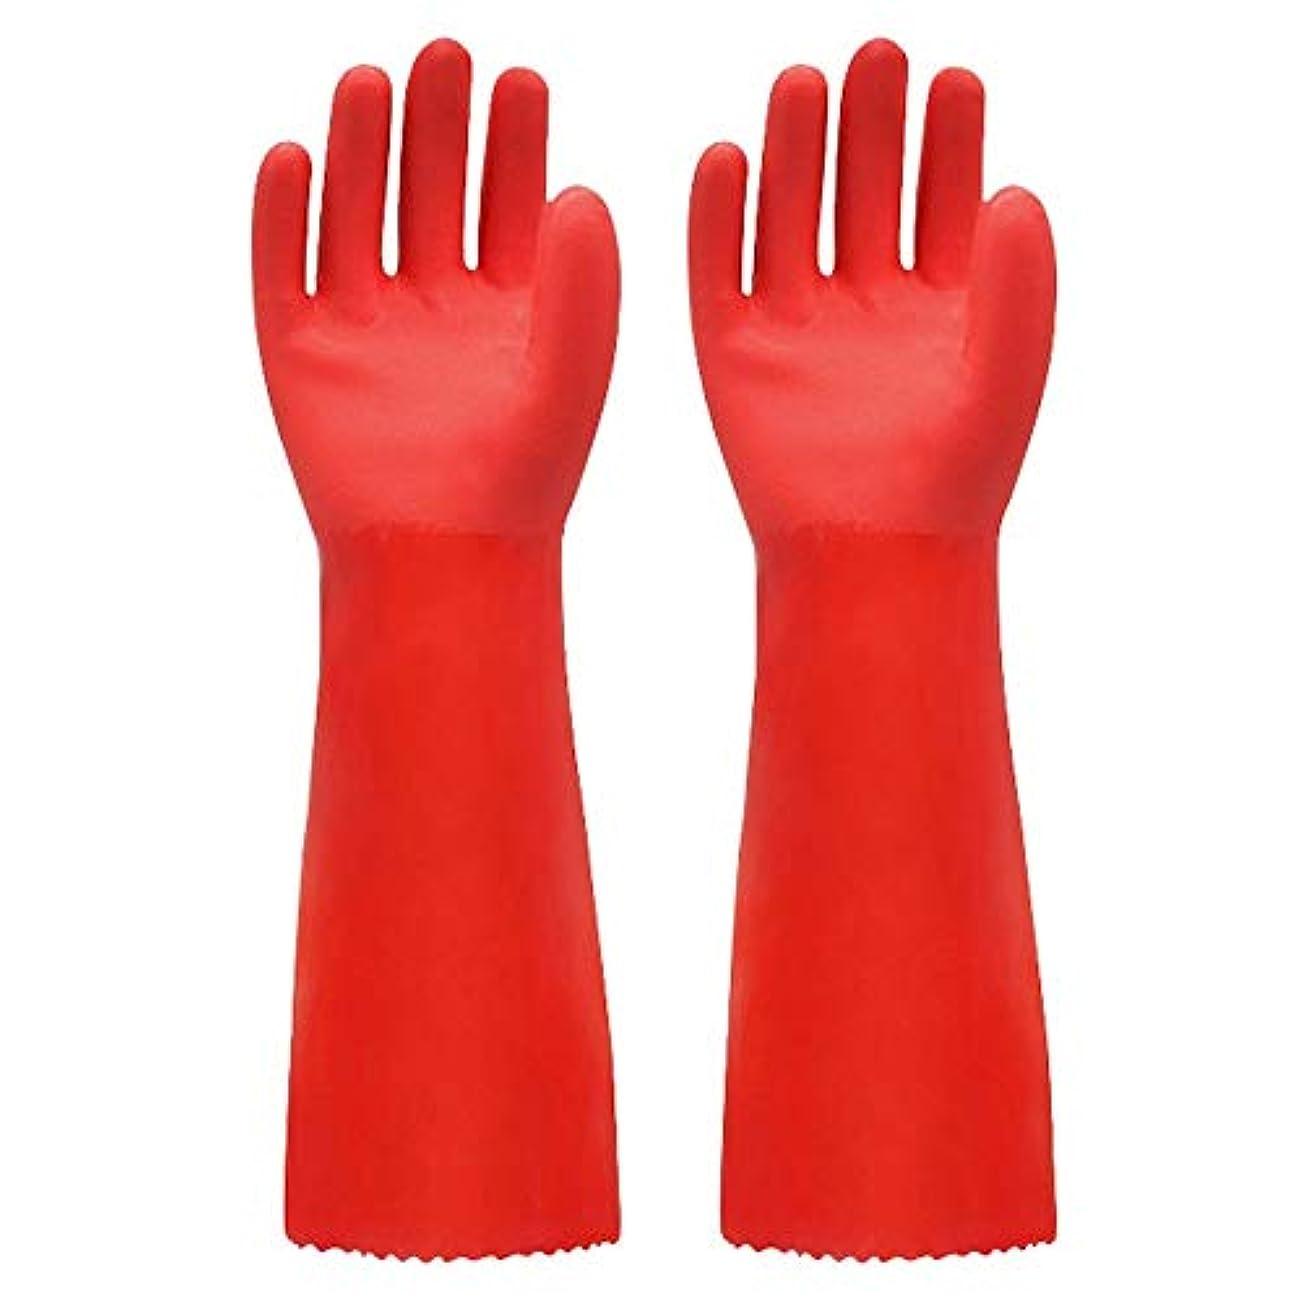 出血引き渡す実現可能使い捨て手袋 ゴム手袋長く暖かいとビロードのゴム製防水と耐久性のある手袋、1ペア ニトリルゴム手袋 (Color : RED, Size : L)